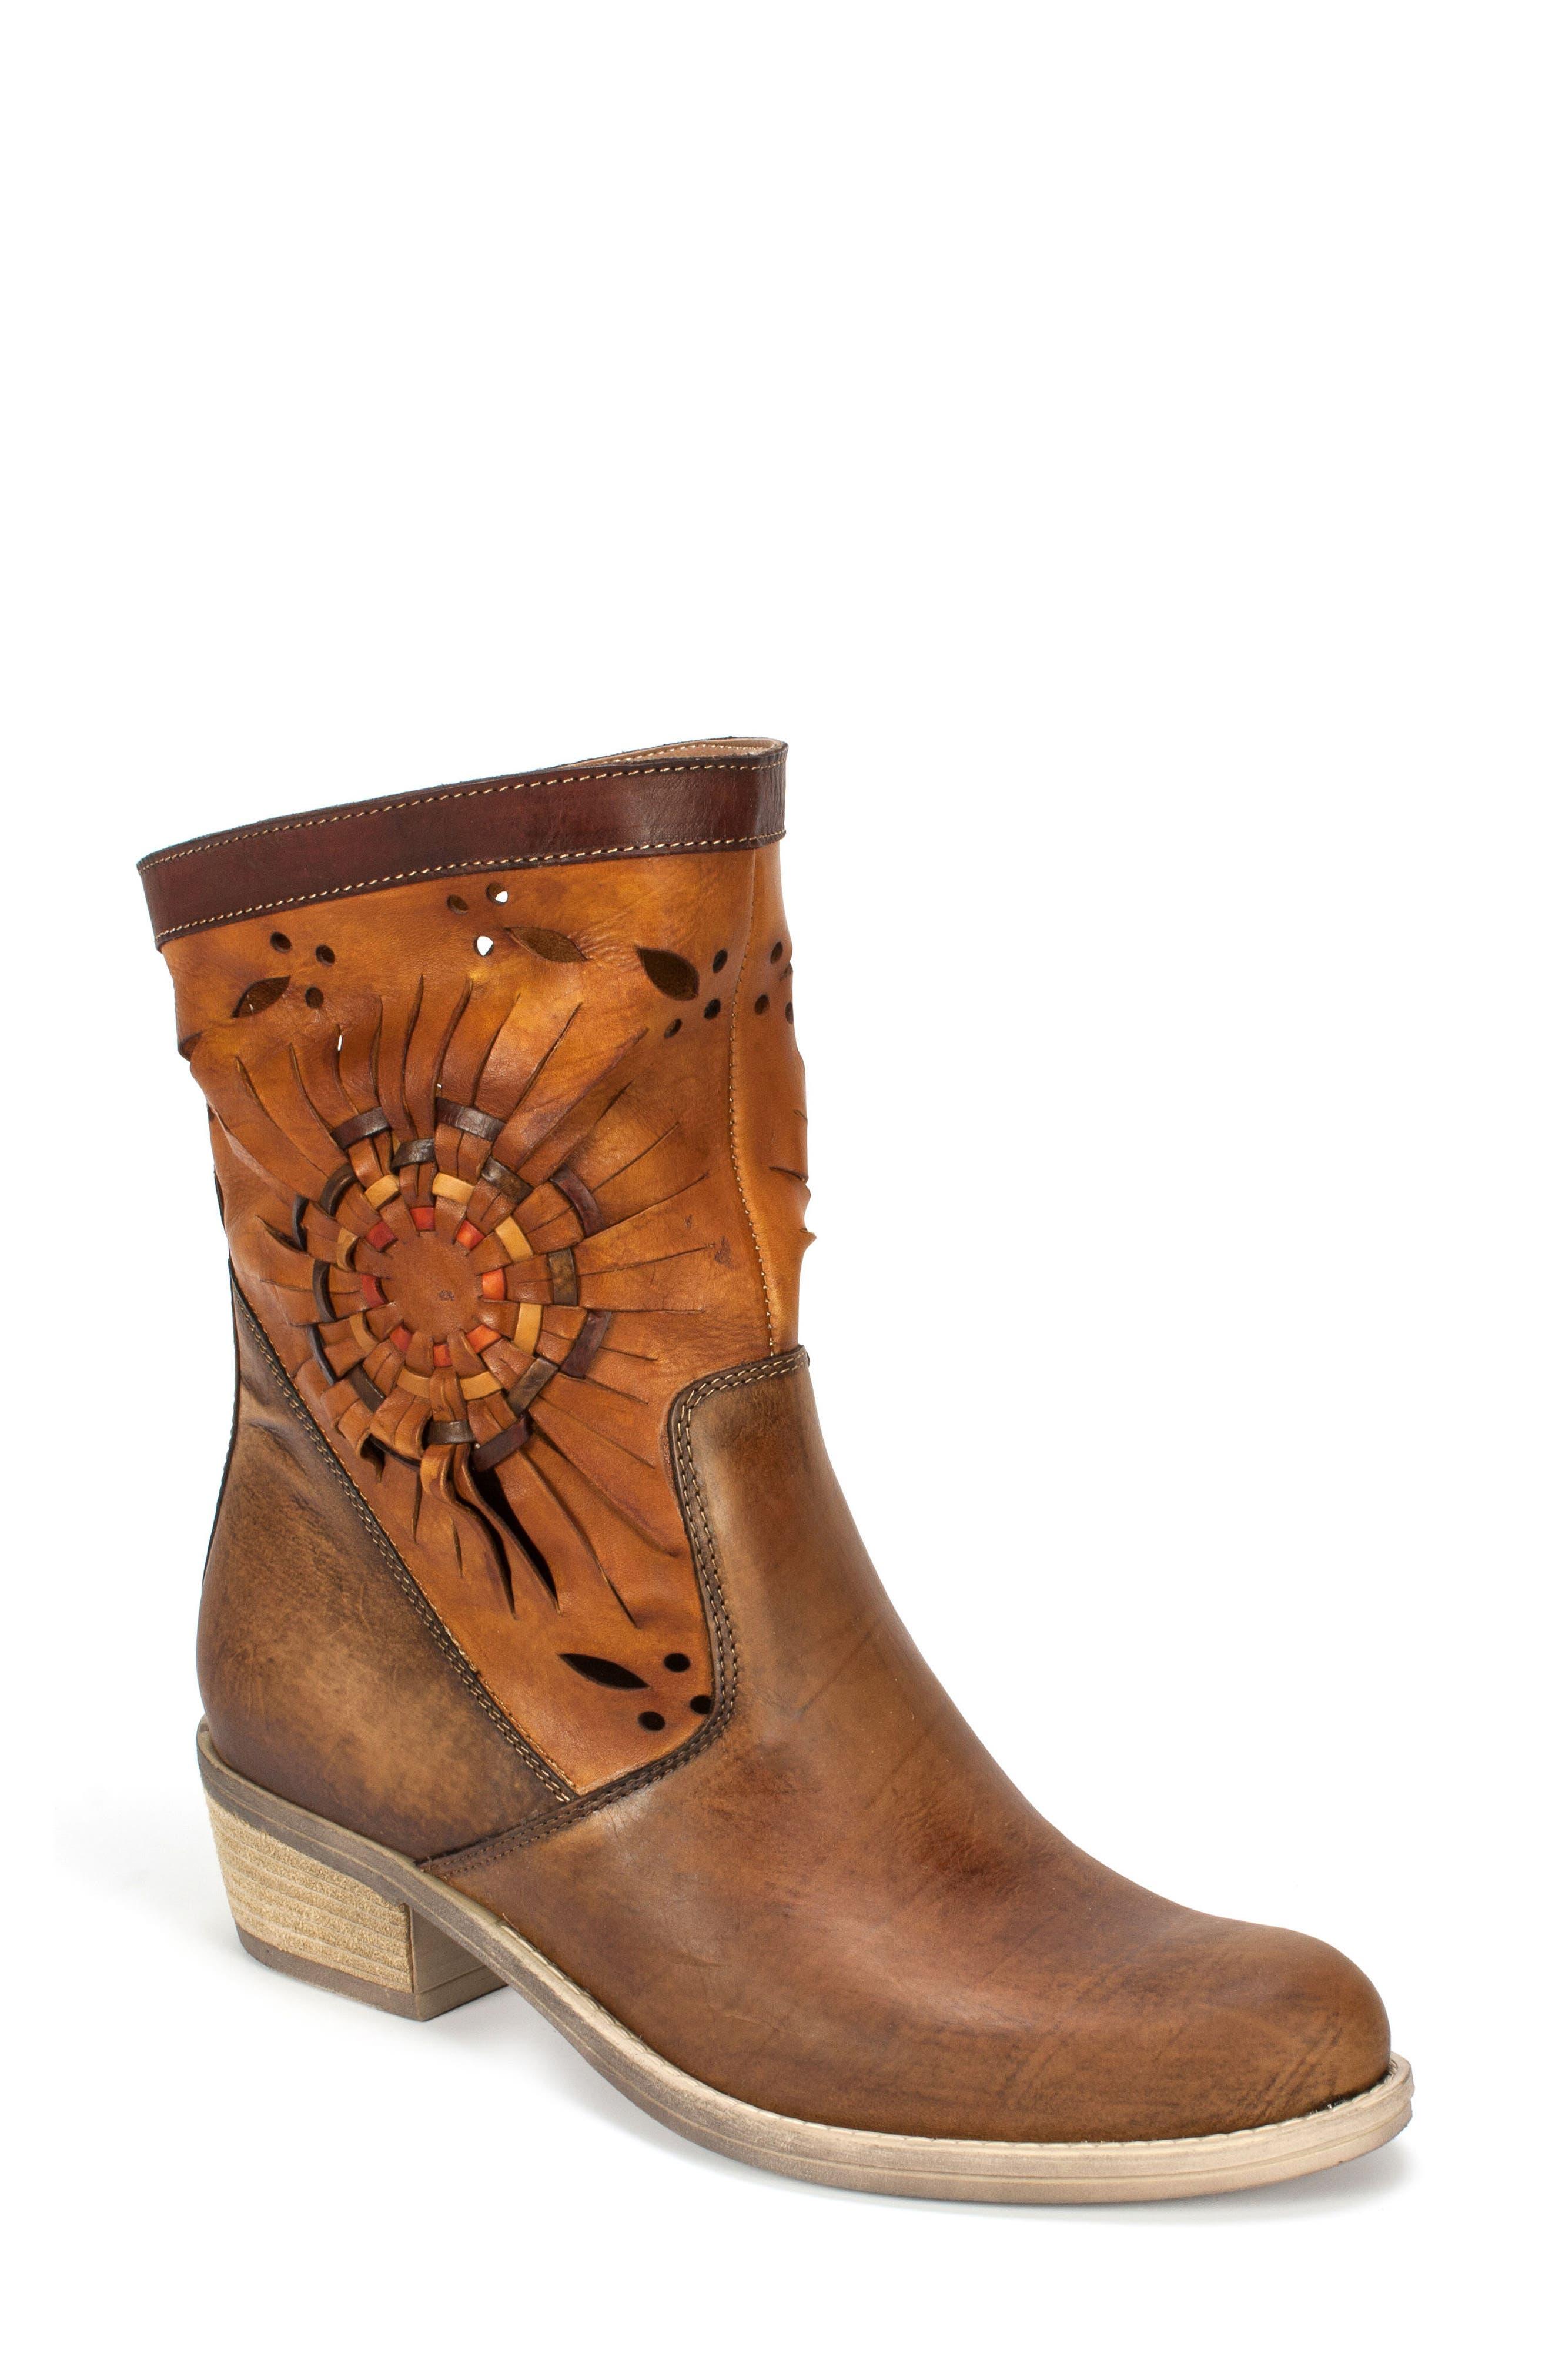 Main Image - Summit Taryn Woven Sunburst Boot (Women)